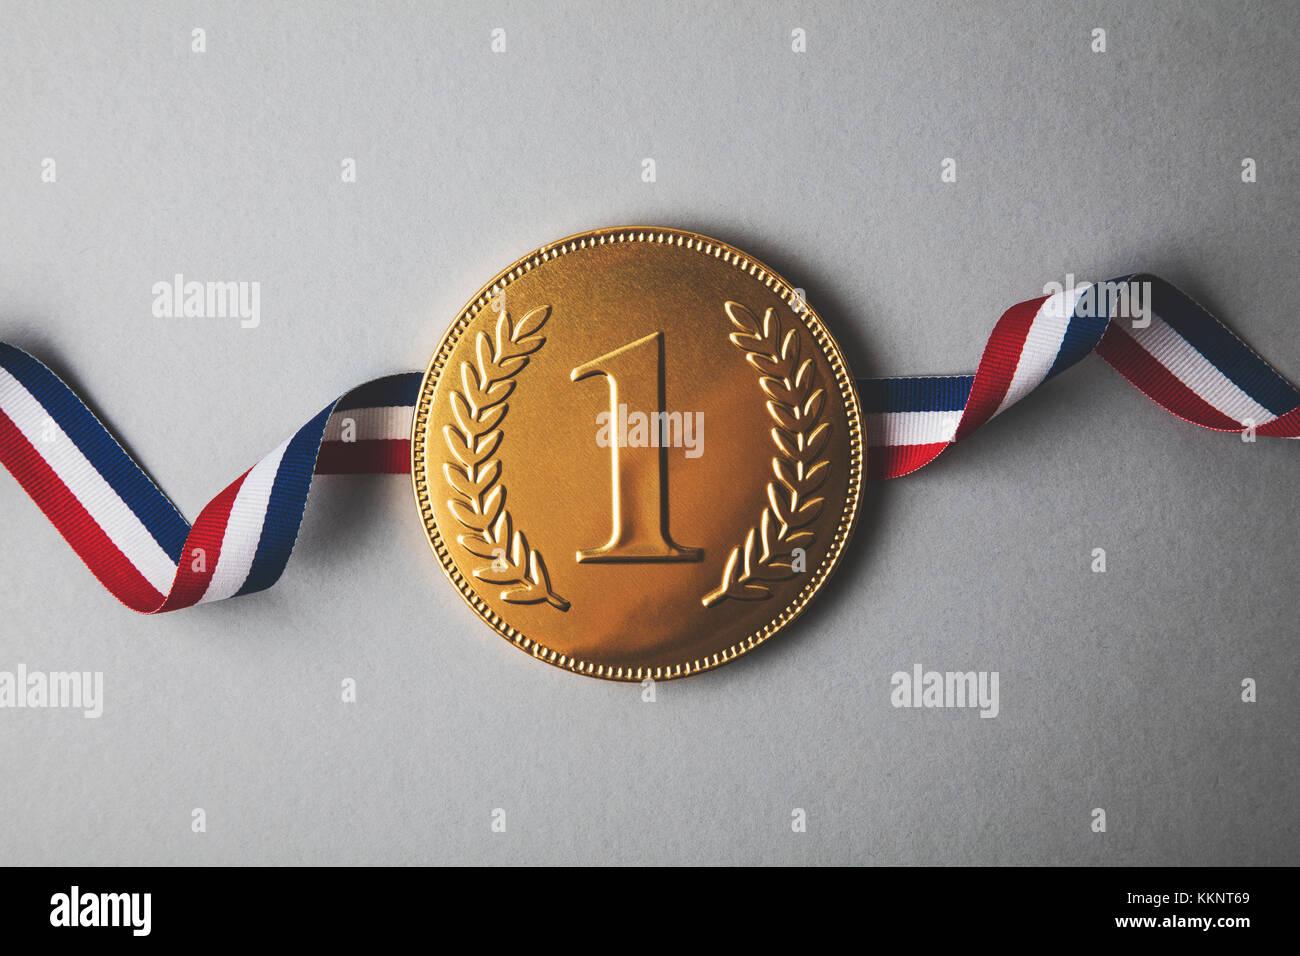 Oro al primo posto i vincitori della medaglia. successo Realizzazione concetto Immagini Stock